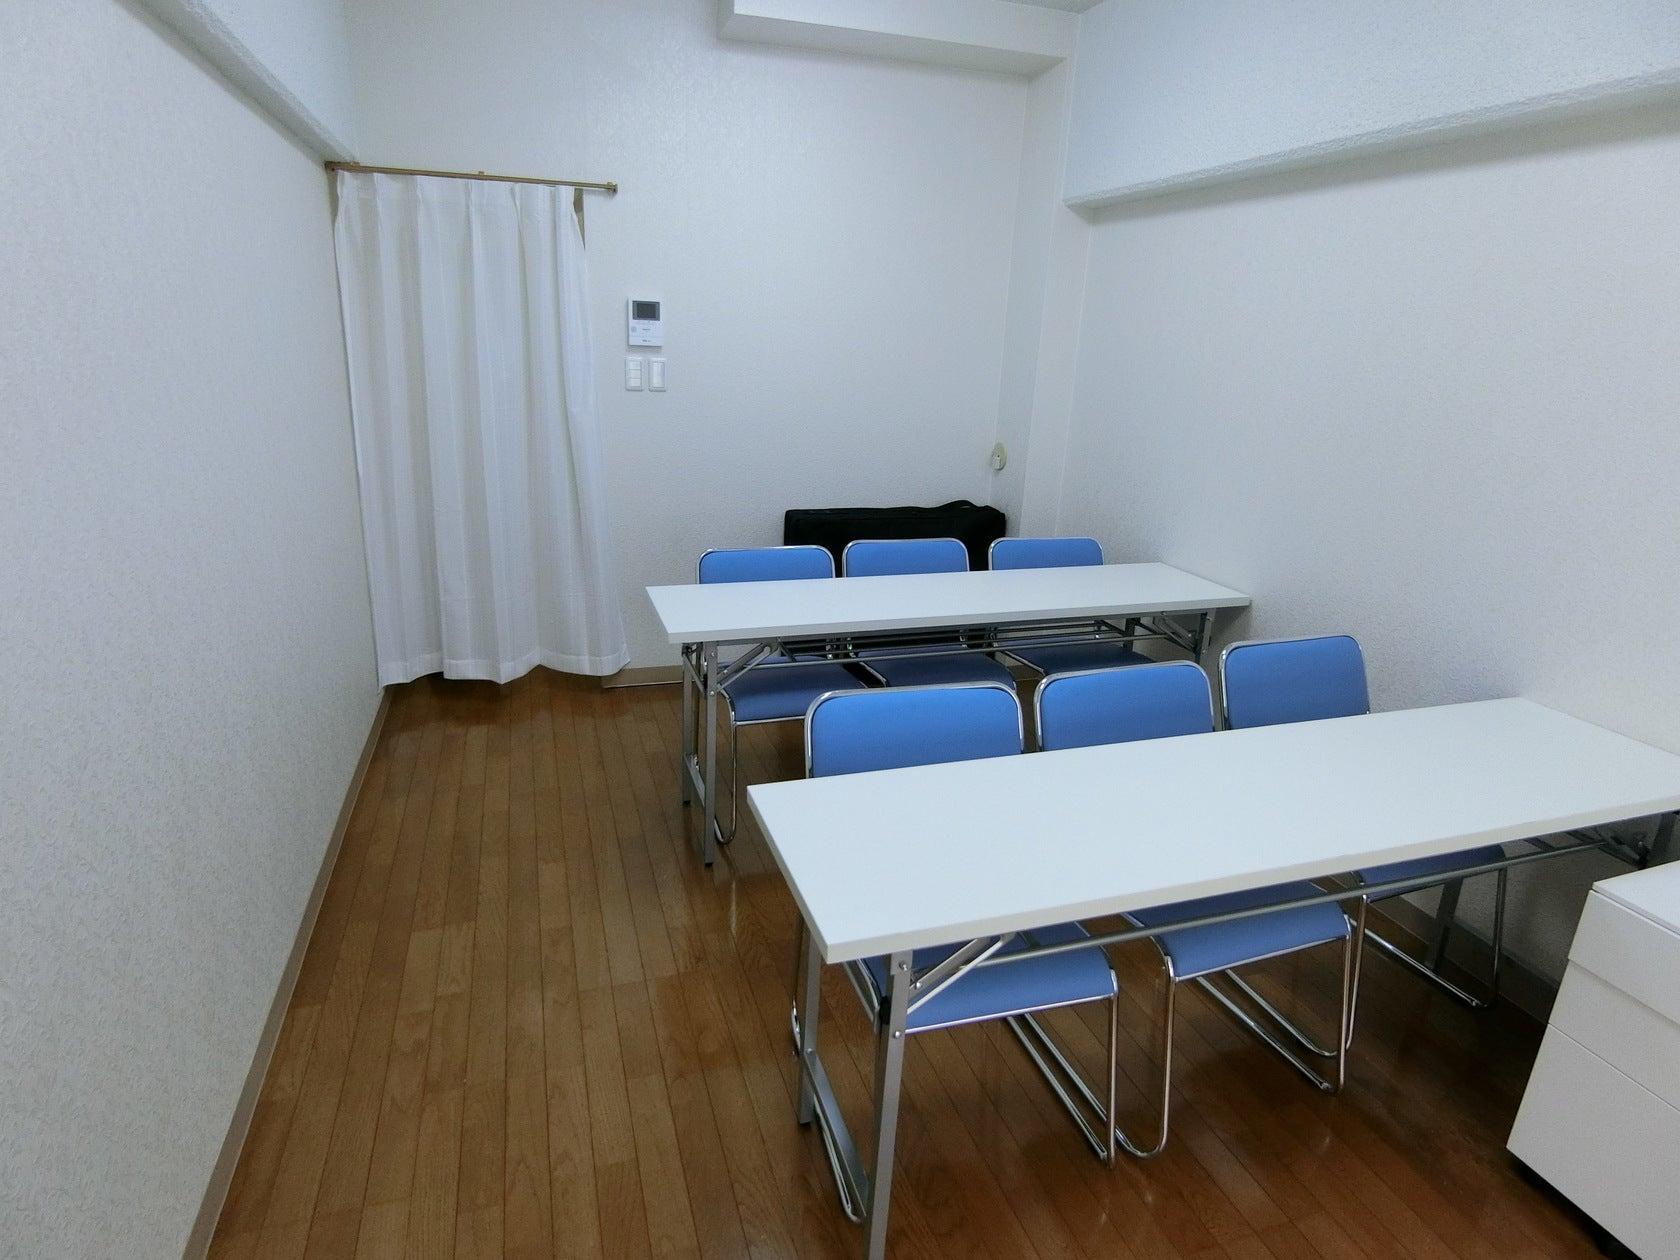 <ELFINセミナールーム>天神エリアに新規オープン♪ミニセミナー、勉強会等にご活用ください。 の写真